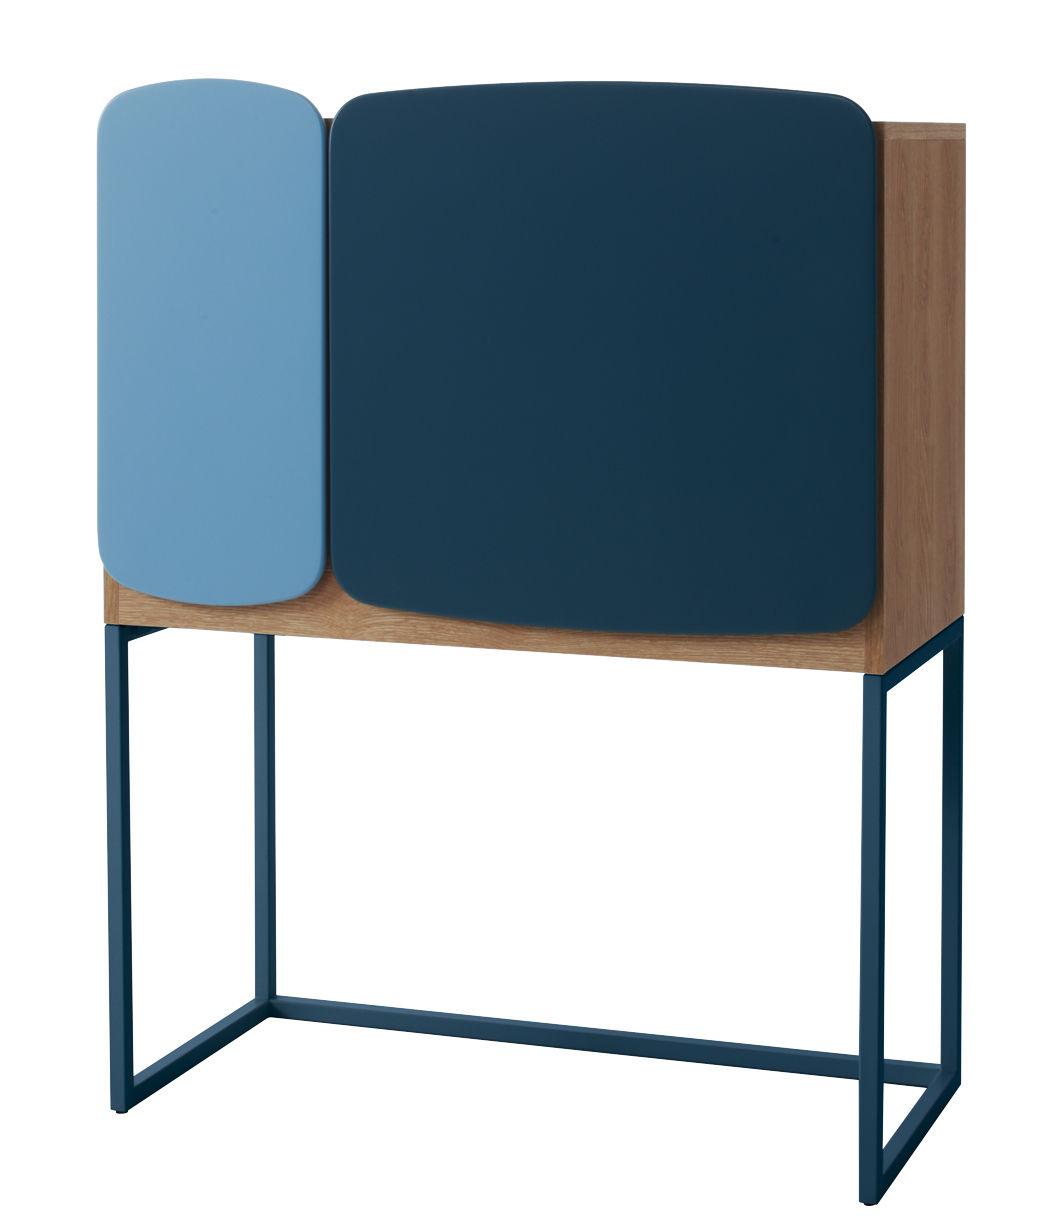 meuble de rangement legato l 82 x h 107 cm bleu bois. Black Bedroom Furniture Sets. Home Design Ideas